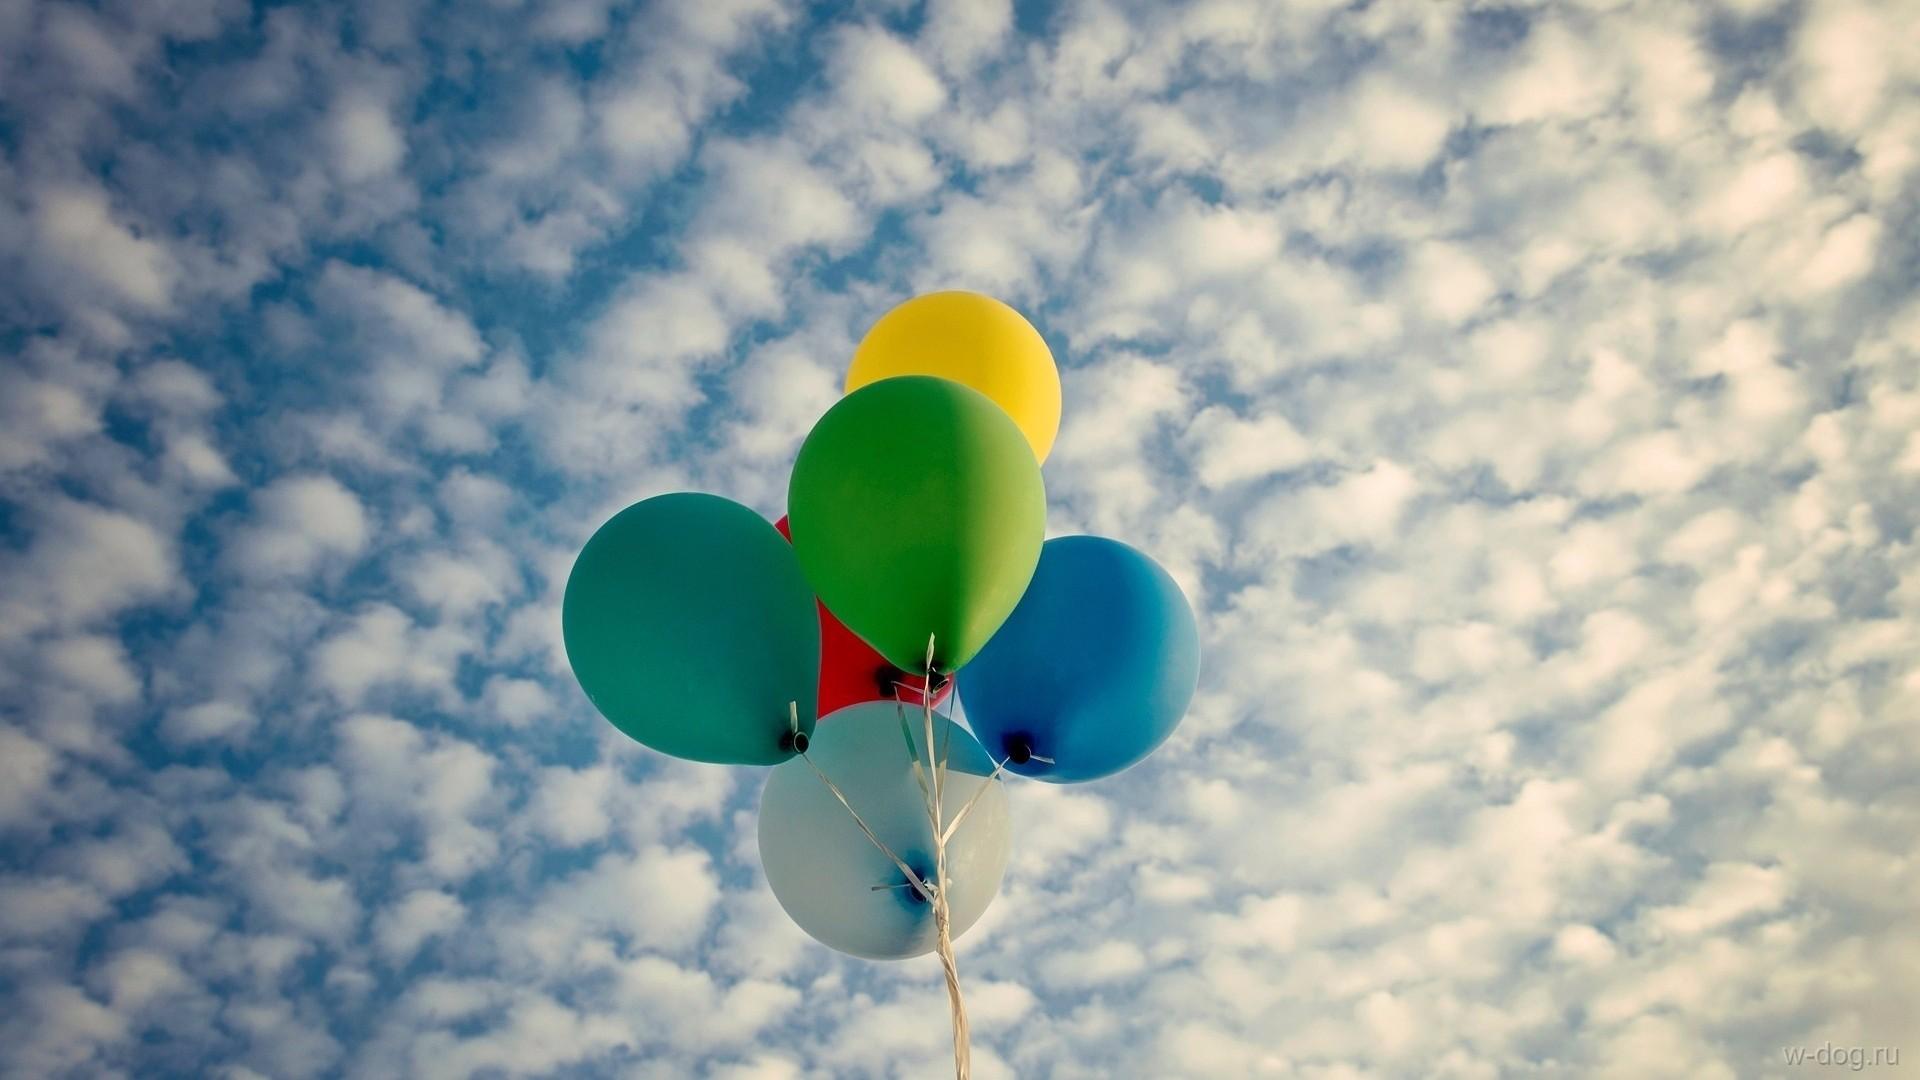 Облако из воздушных шариков для фотосессии